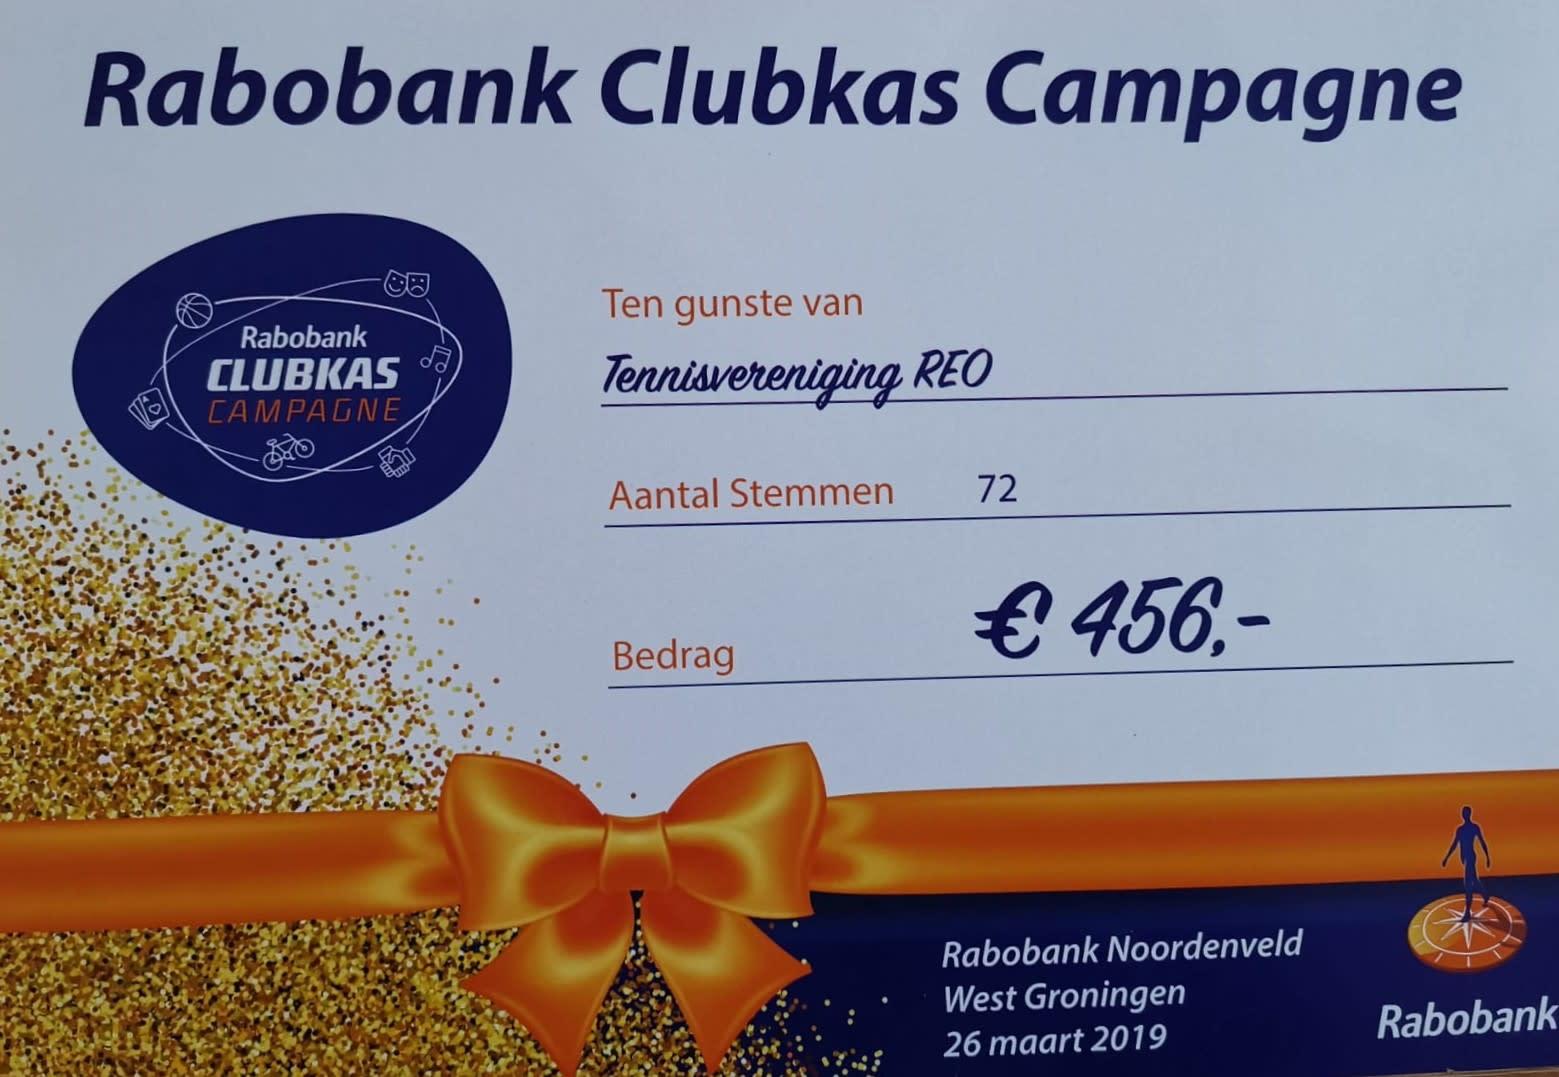 Rabo Clubkas cheque